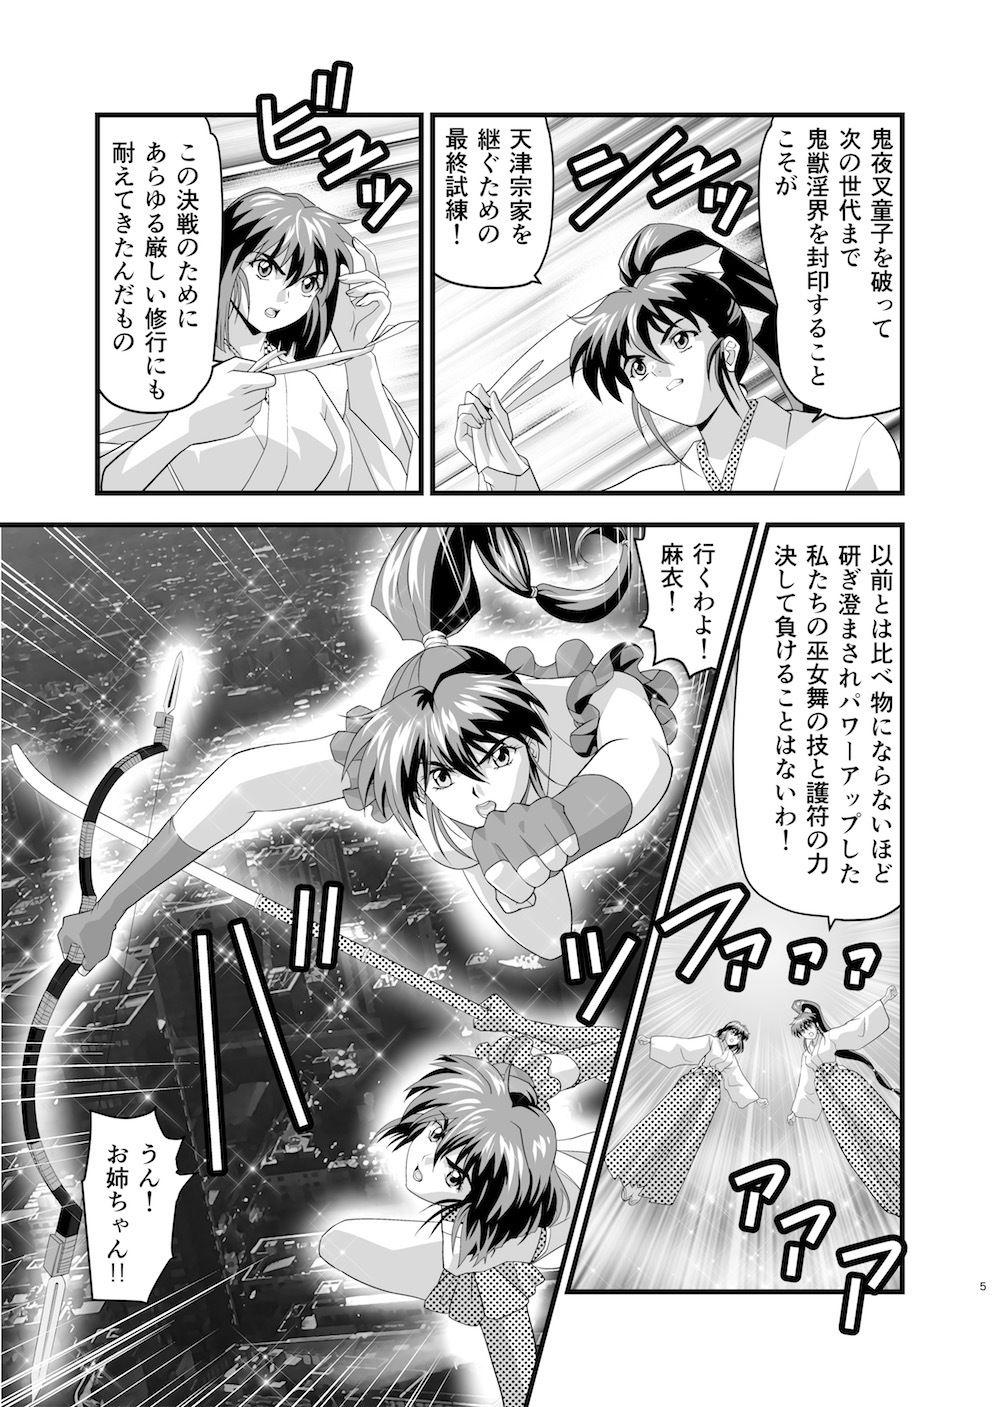 【雷 同人】AngelXXrebeL1最後の聖戦